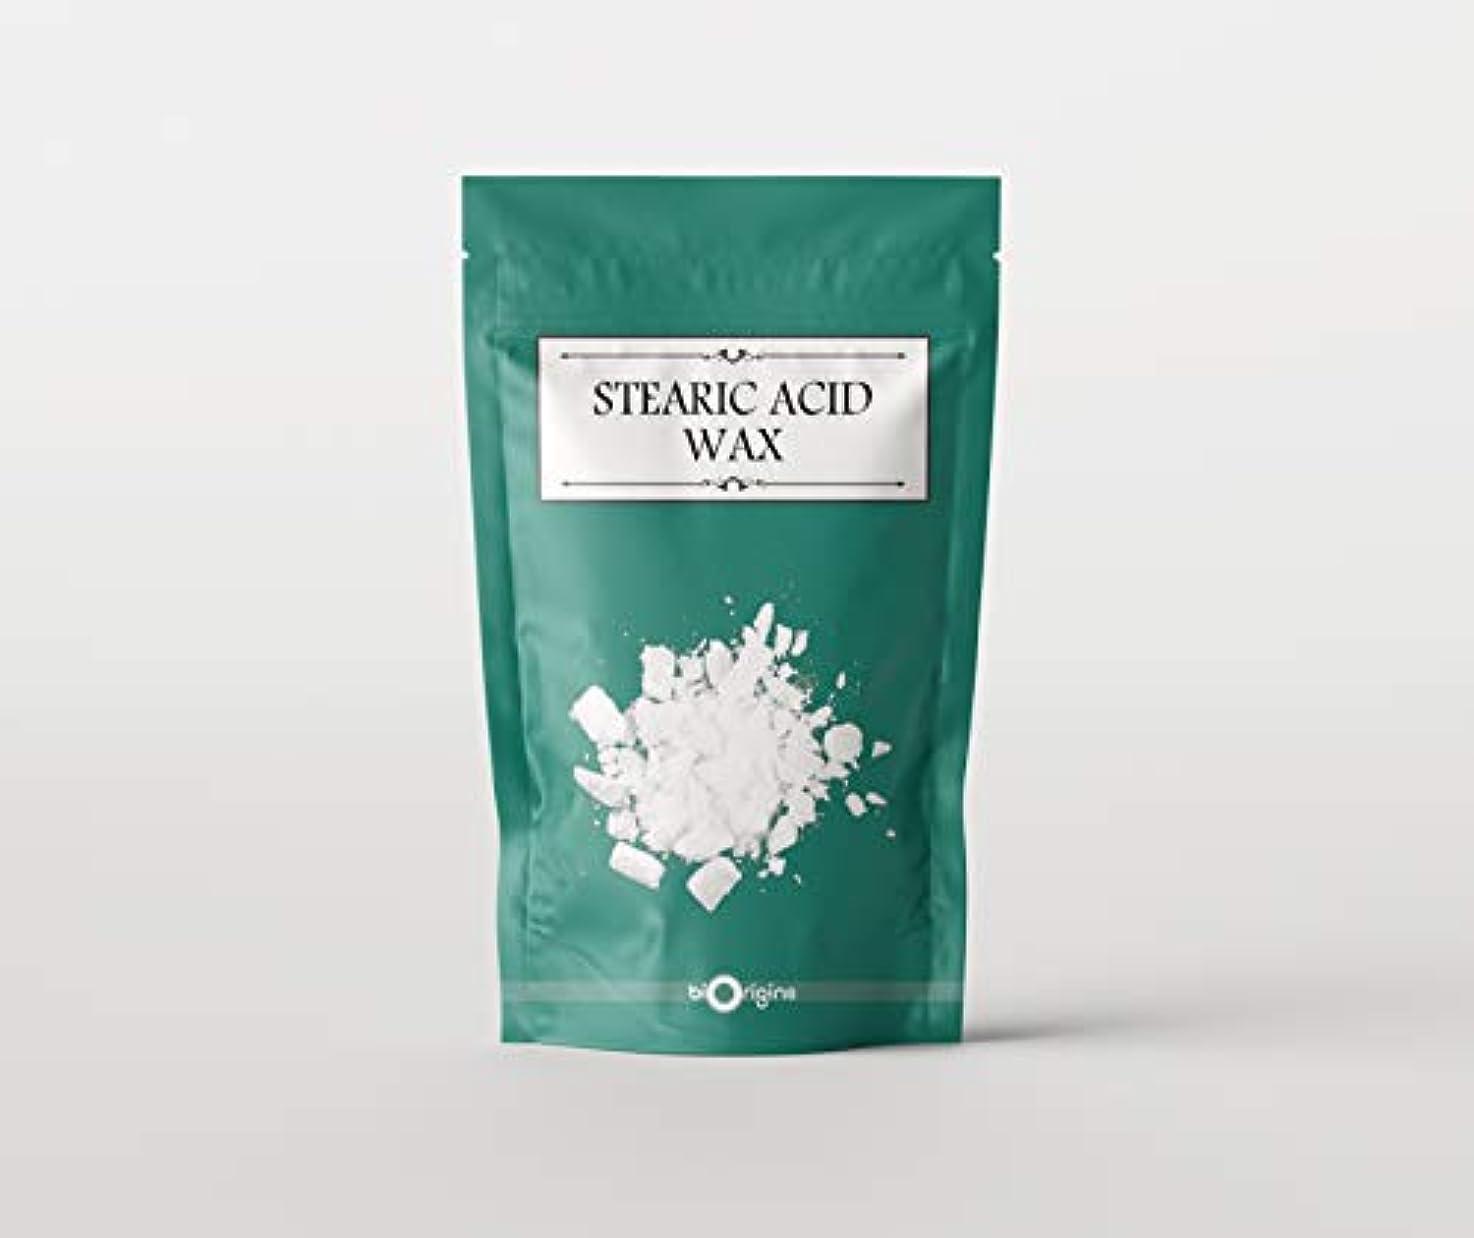 ハーブゼロベーコンStearic Acid Wax 500g